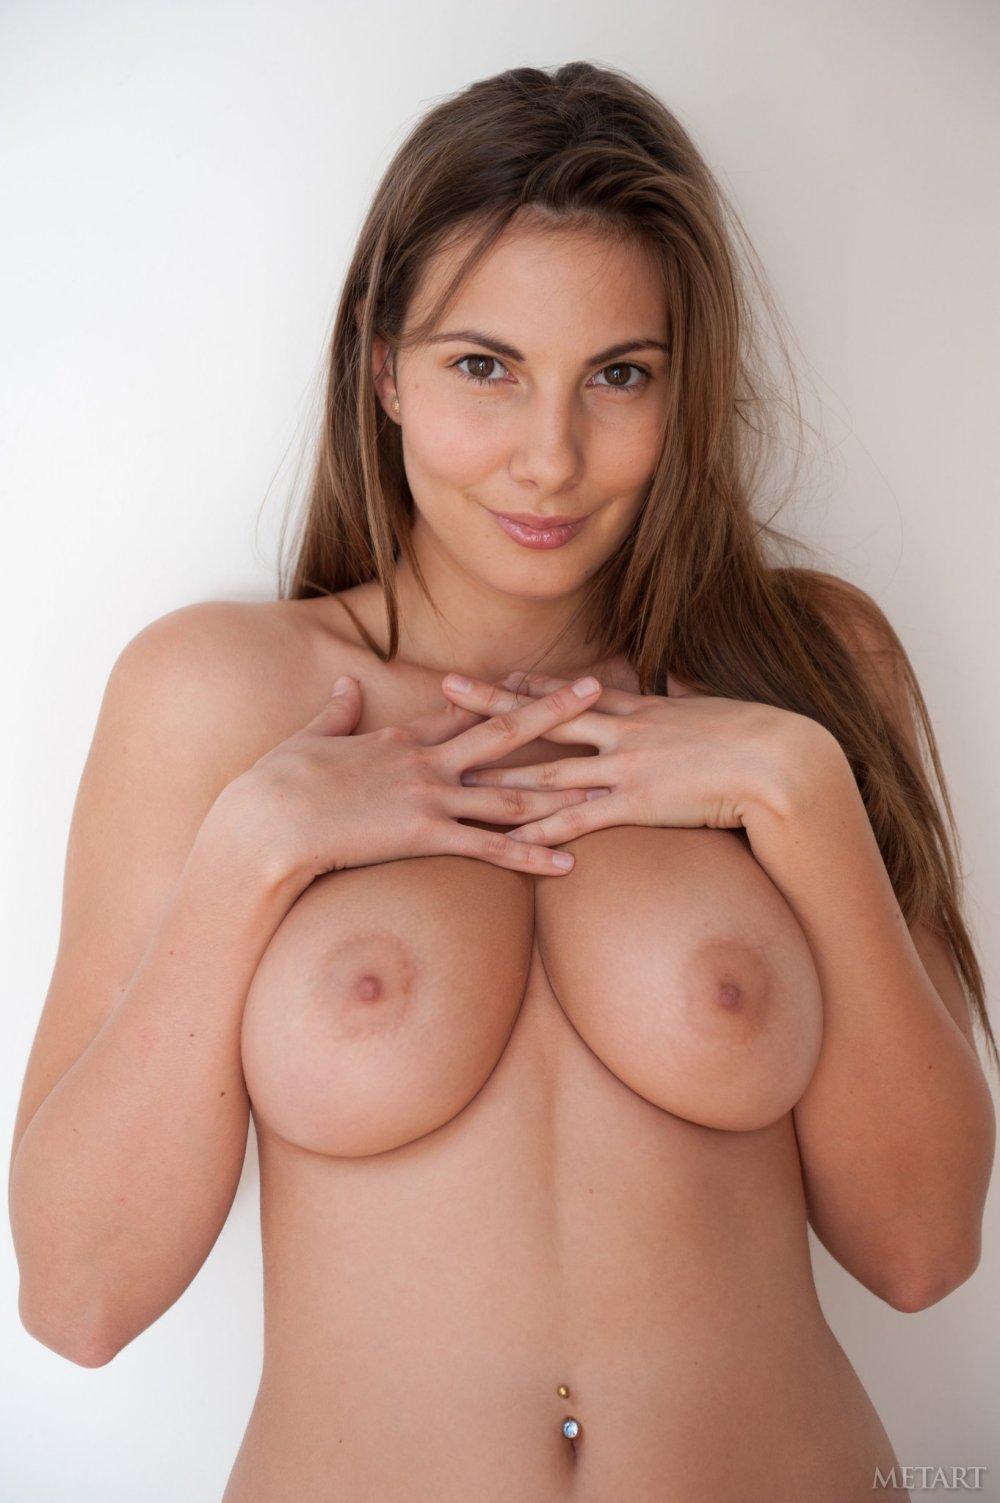 Esta rubia desnuda prepara su desayuno mientras se